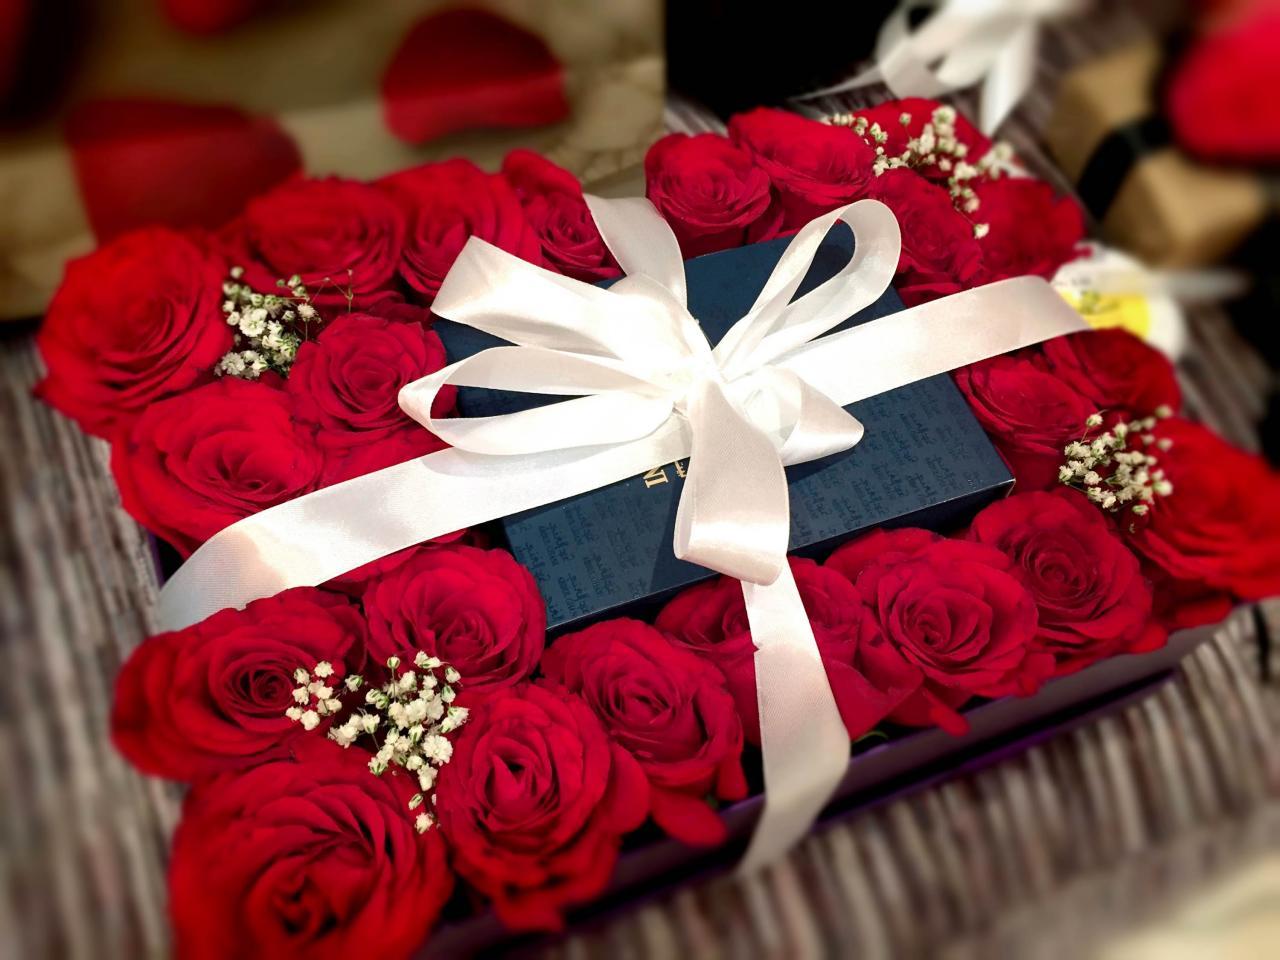 بالصور هدية عيد ميلاد صديقتي , انسب الهدايا للاصدقاء في مختلف المناسبات 13846 5